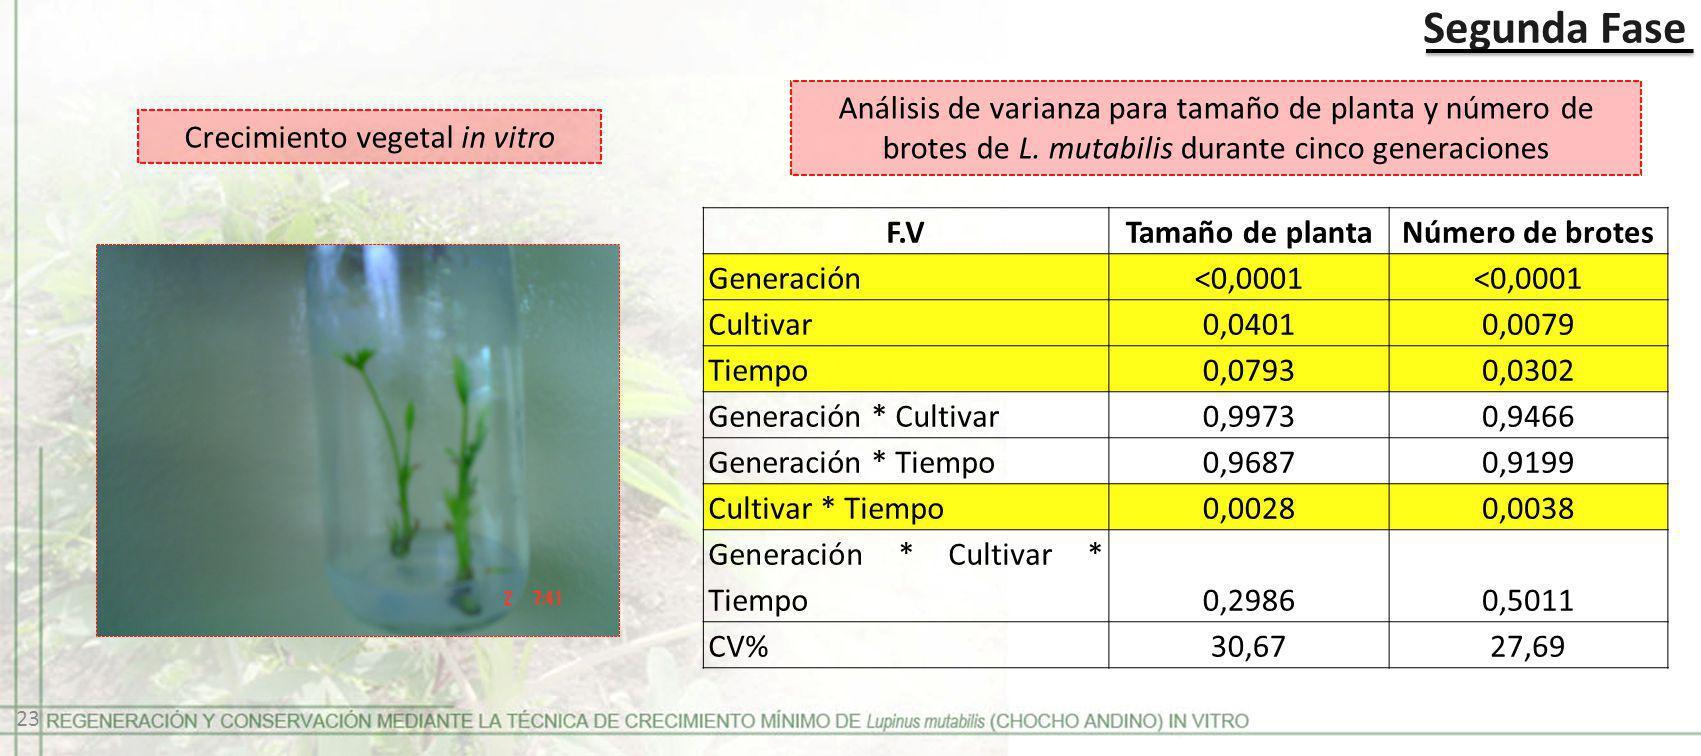 Segunda Fase Crecimiento vegetal in vitro Análisis de varianza para tamaño de planta y número de brotes de L. mutabilis durante cinco generaciones F.V